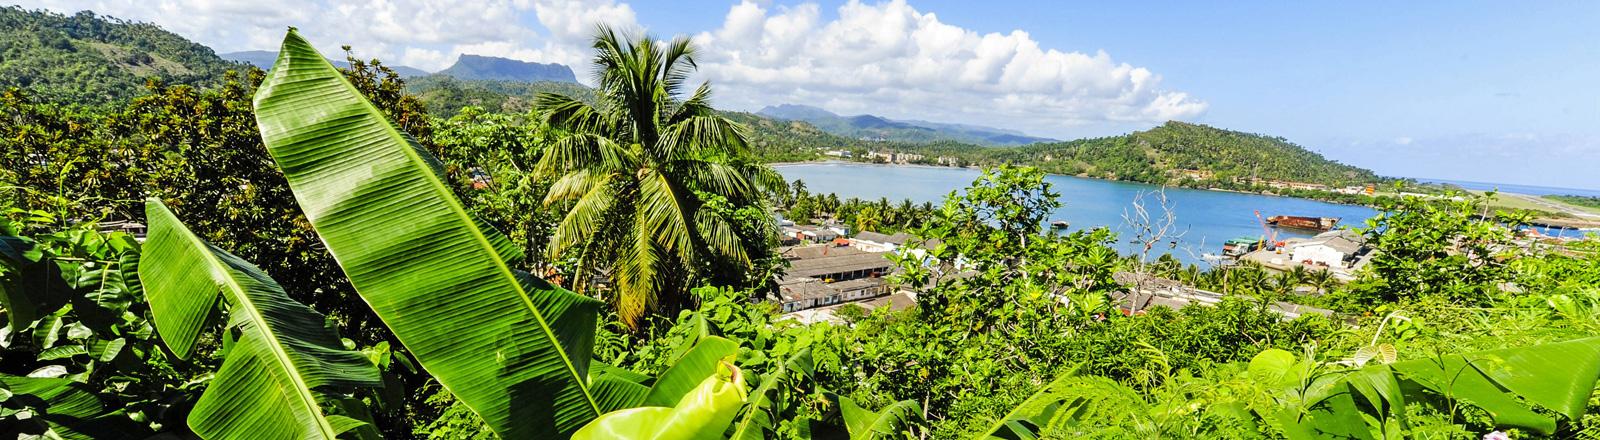 Blick auf eine paradiesische Insellandschaft auf Guantanamo, Kuba.